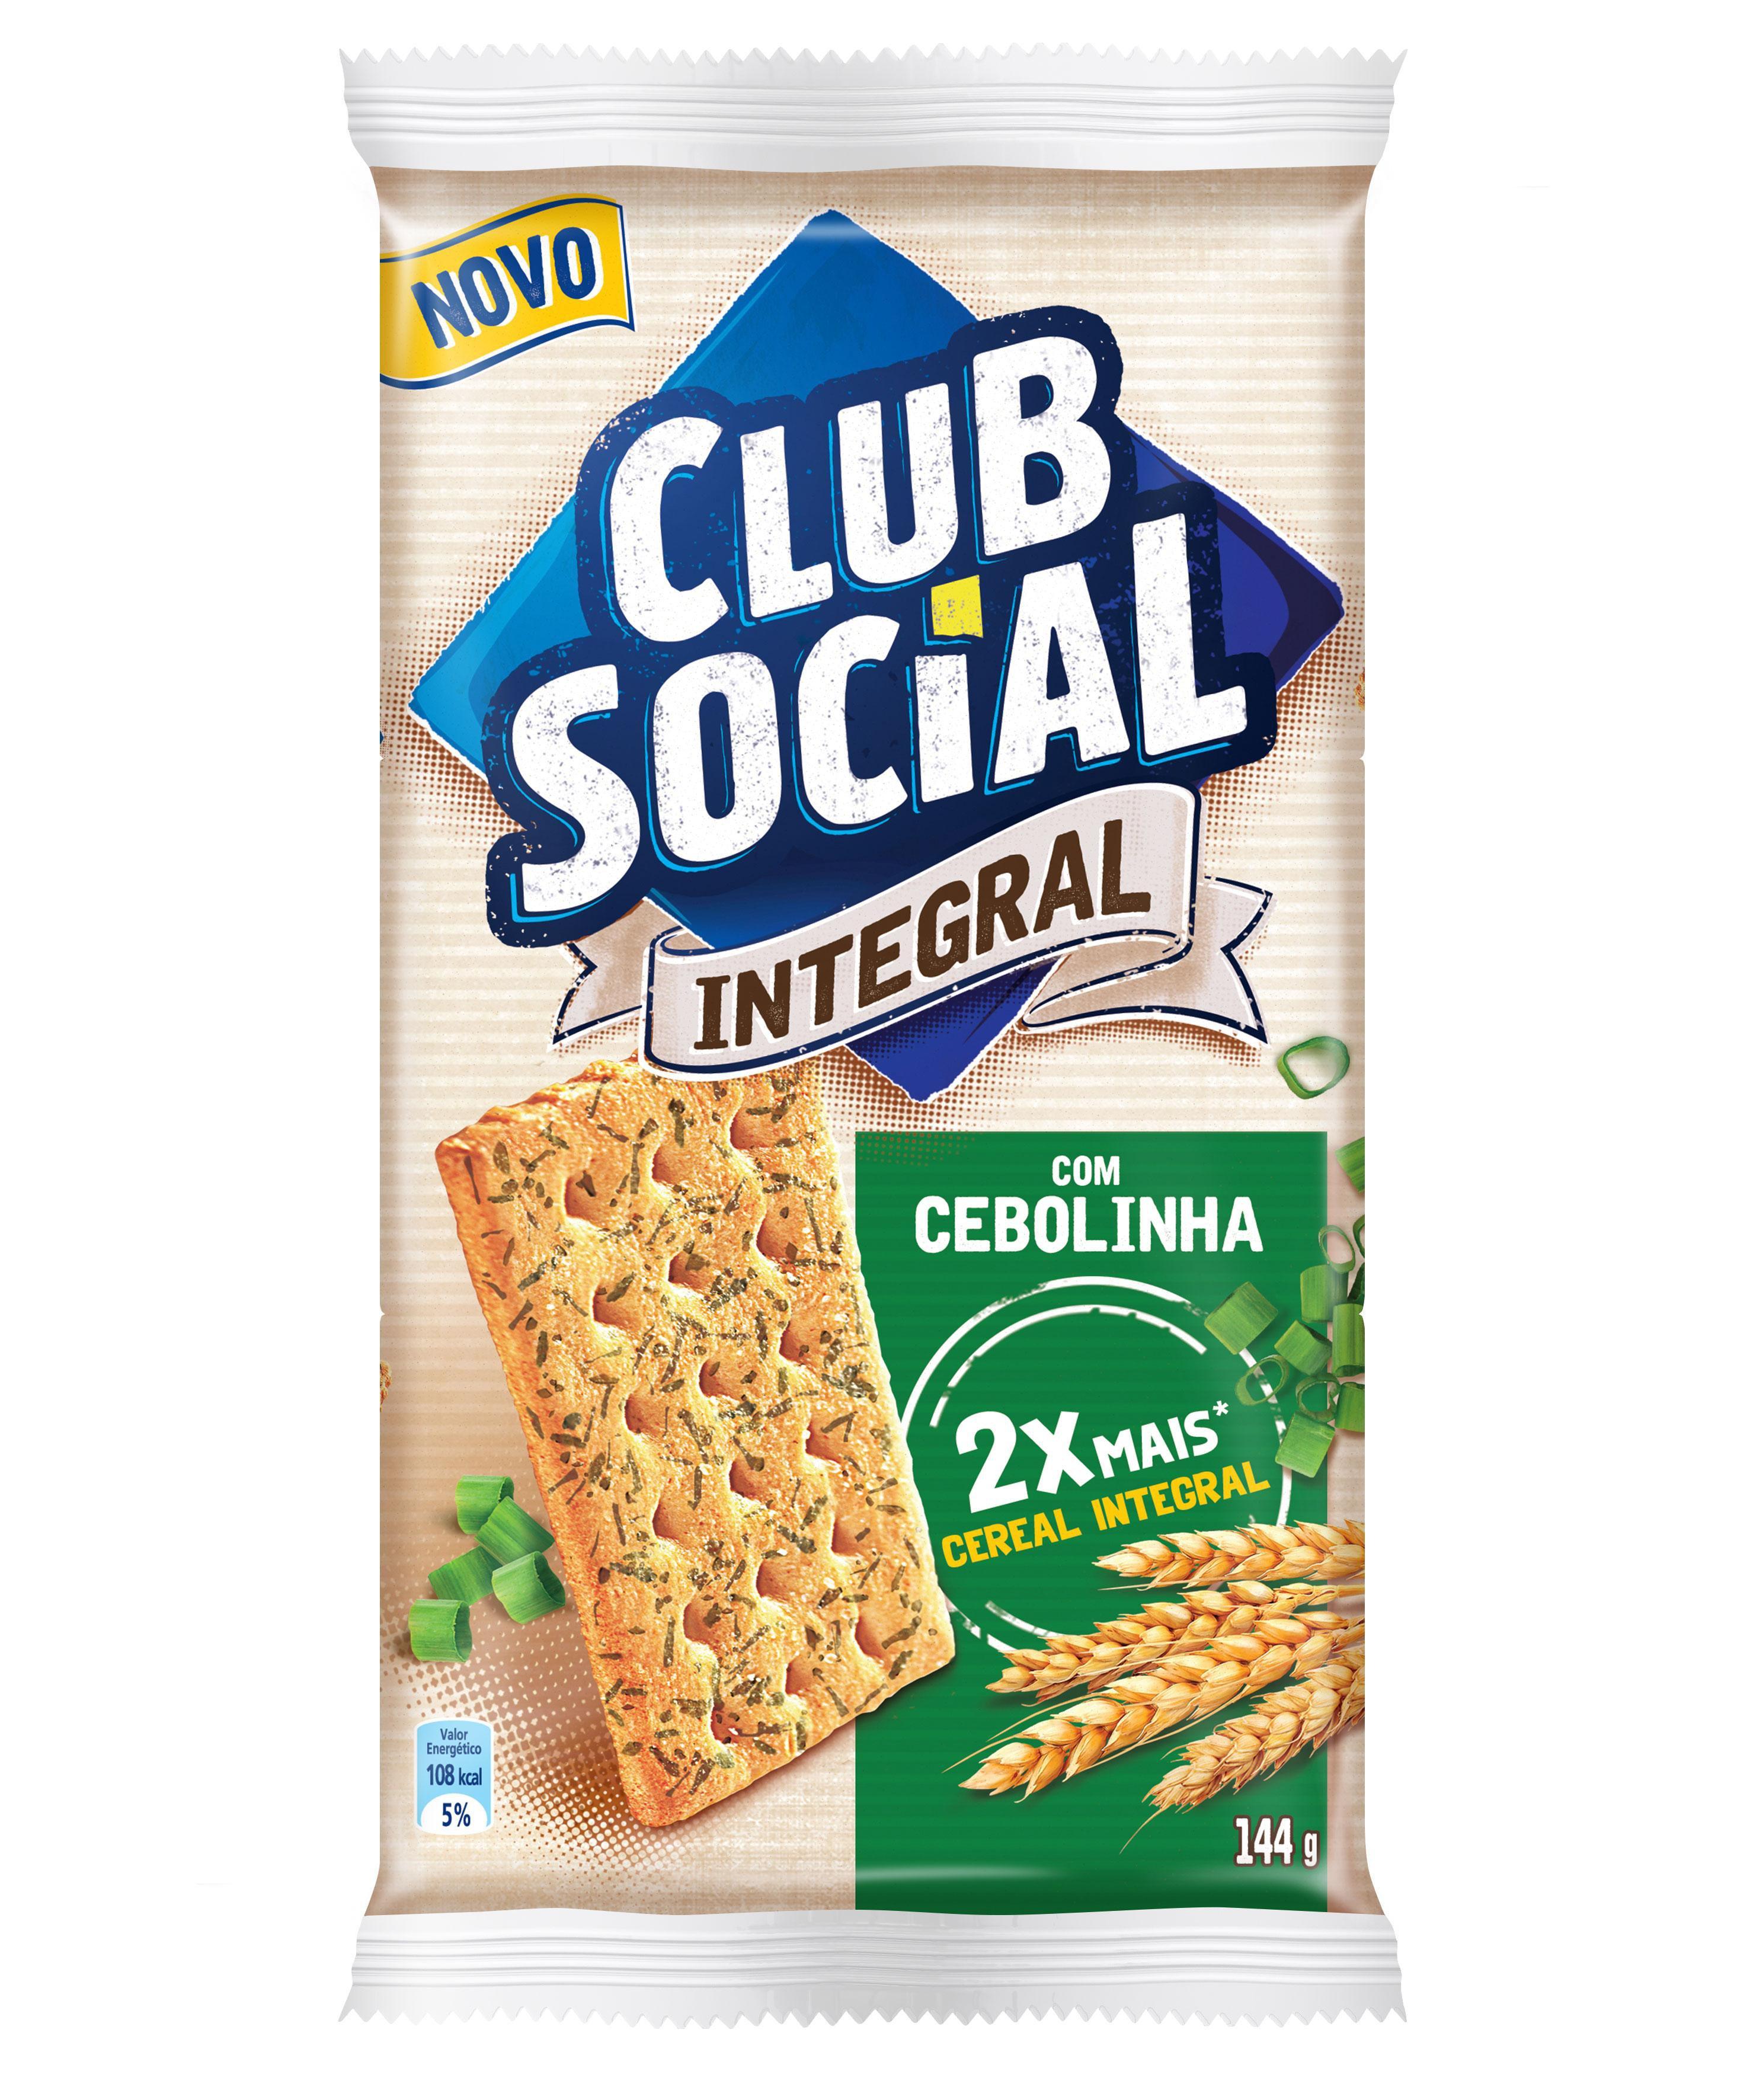 BISCOITO CLUB SOCIAL INTEGRAL CEBOLINHA 24G